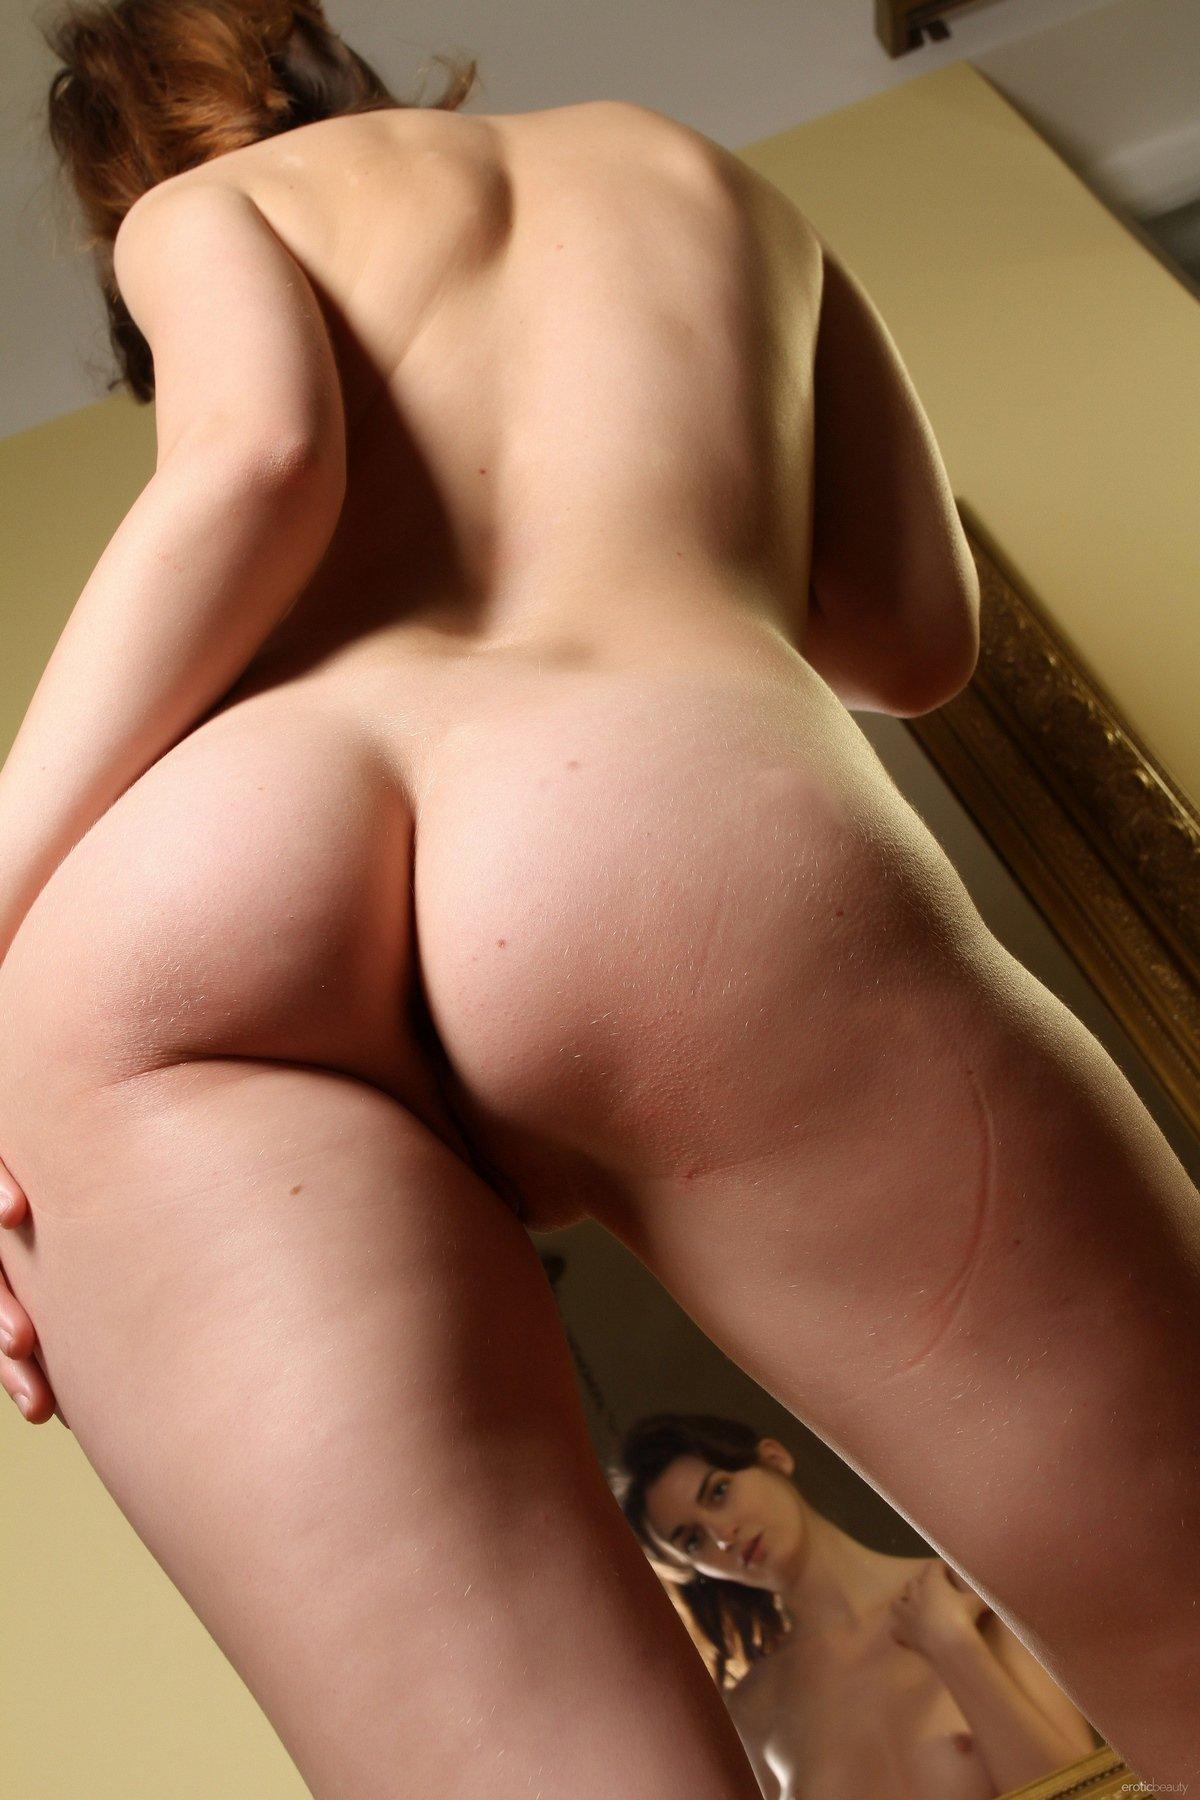 Тёмненькая в колготках на голое тело перед зеркалом секс фото